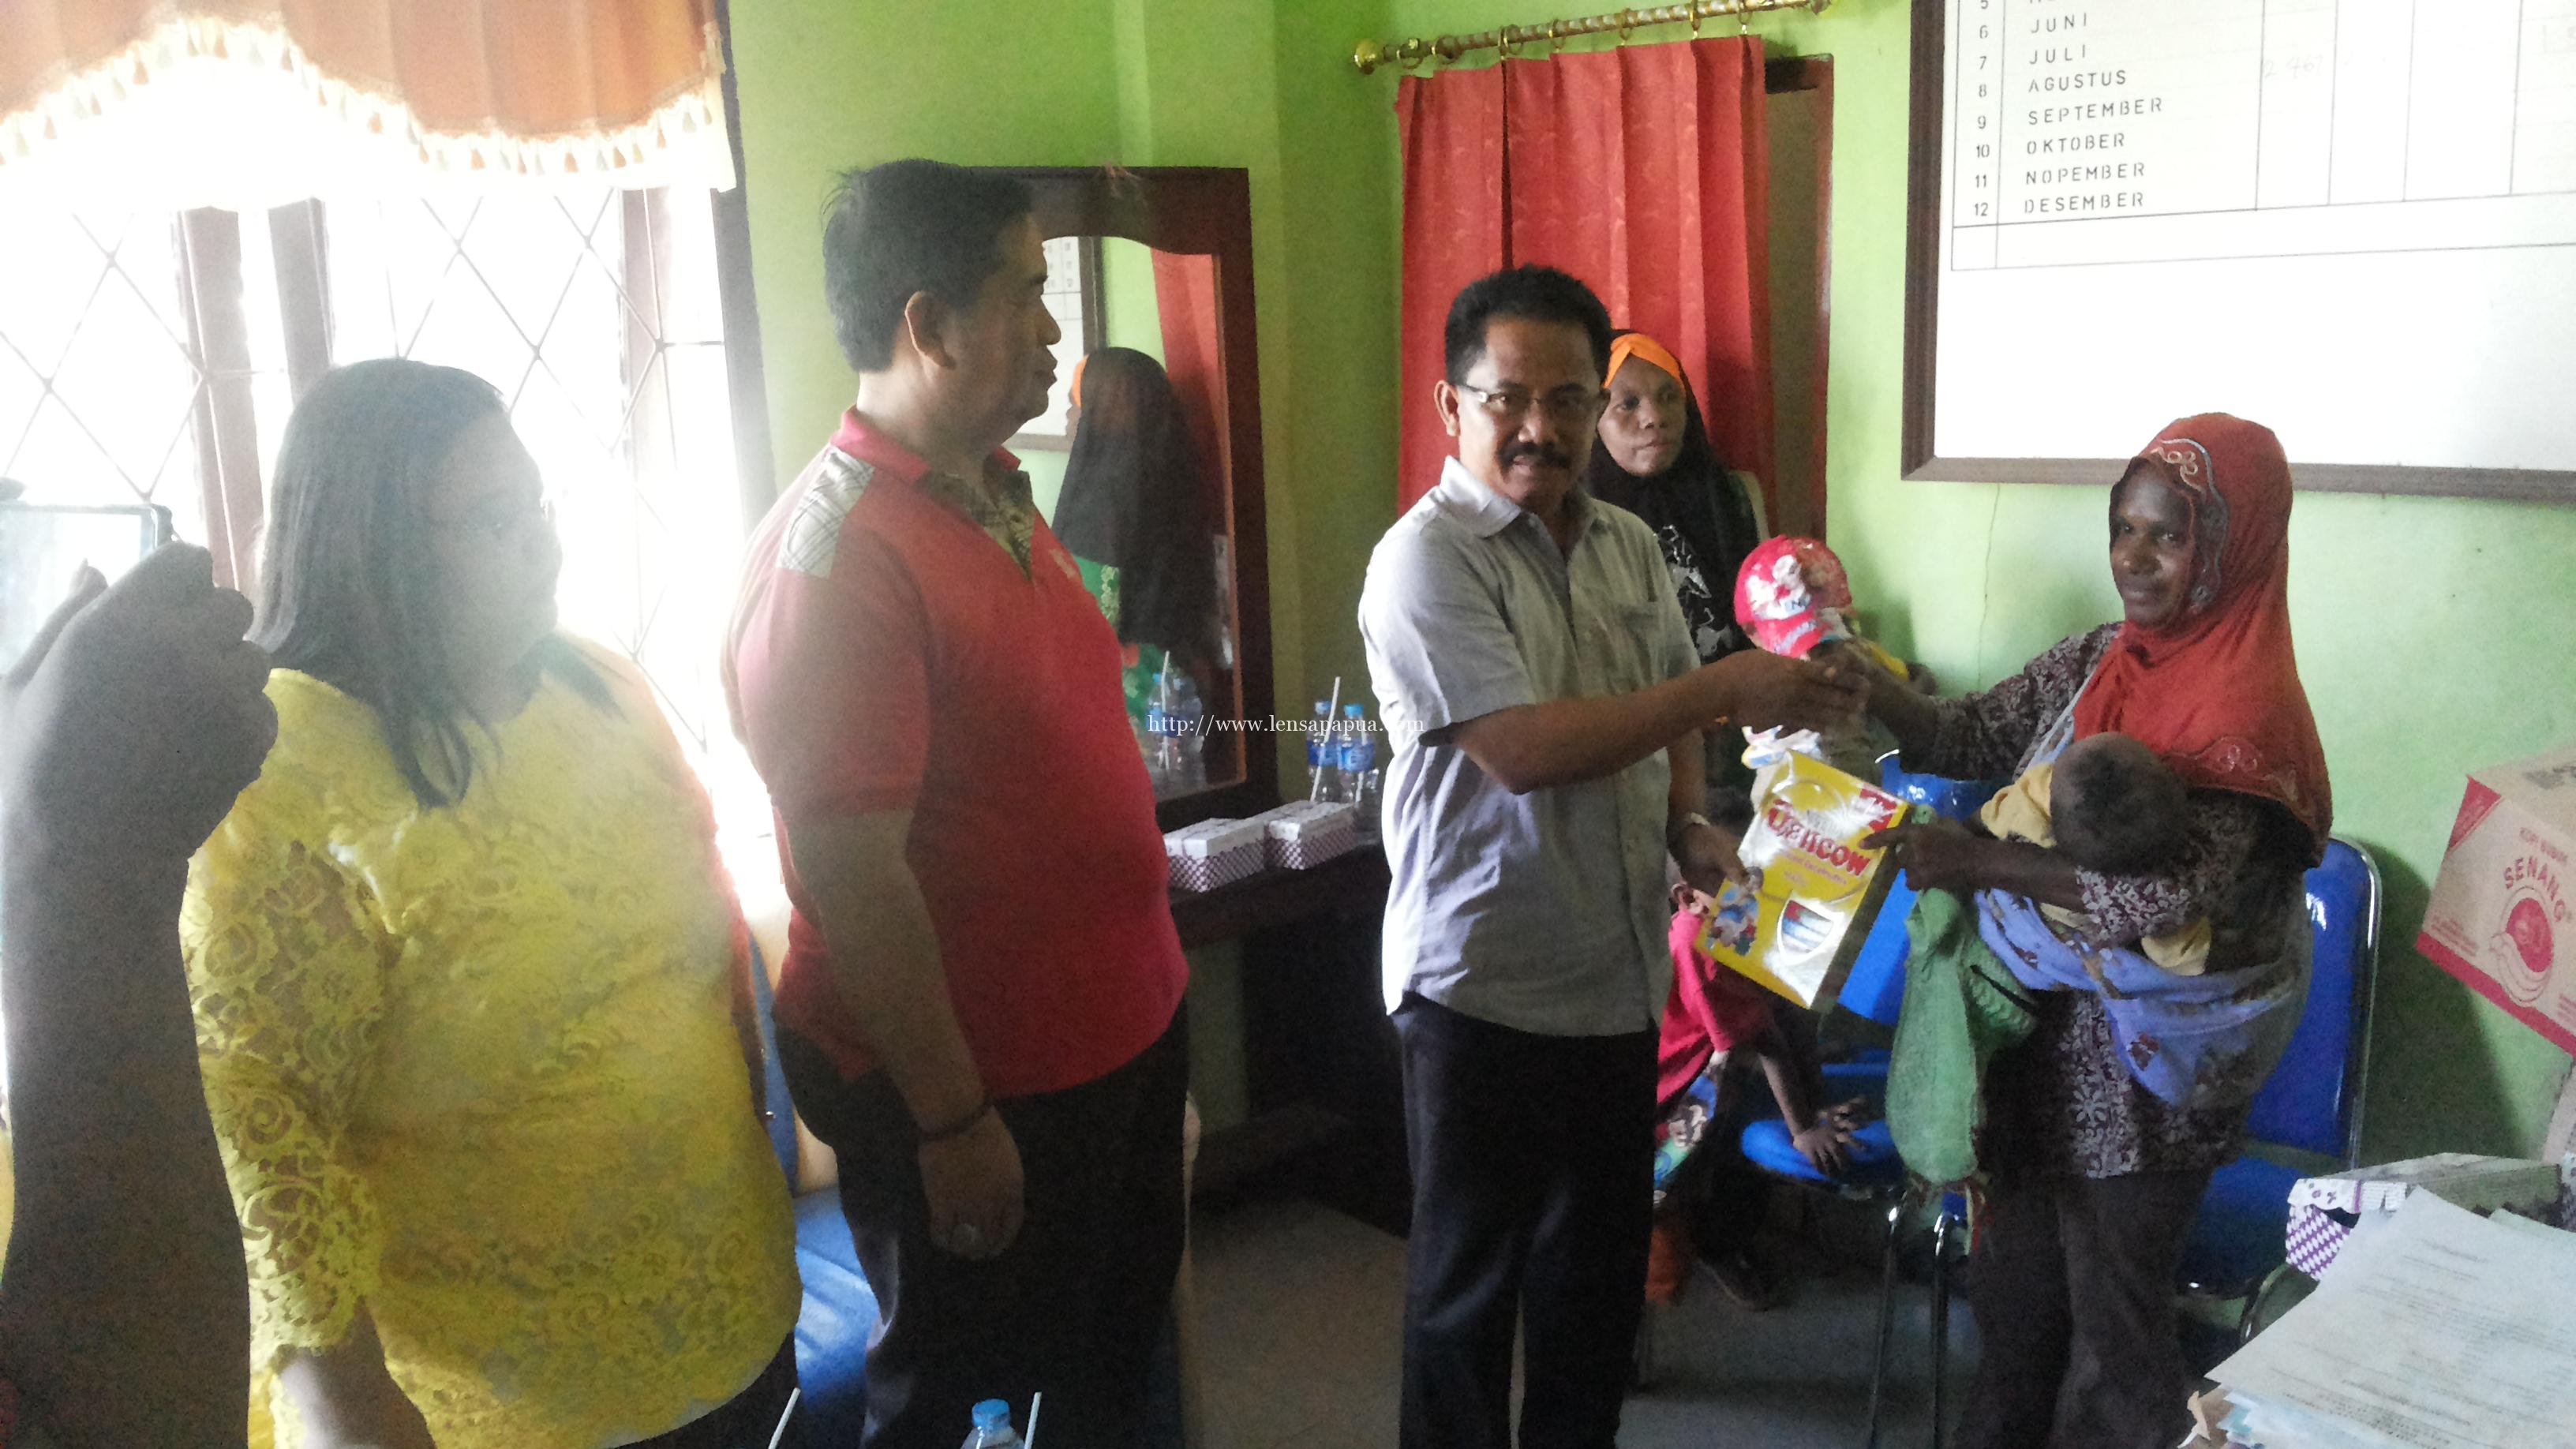 Wakil Bupati Sorong, Suka Harjono, S.Sos.,M.Si saat mengunjungi warga. Dok/red